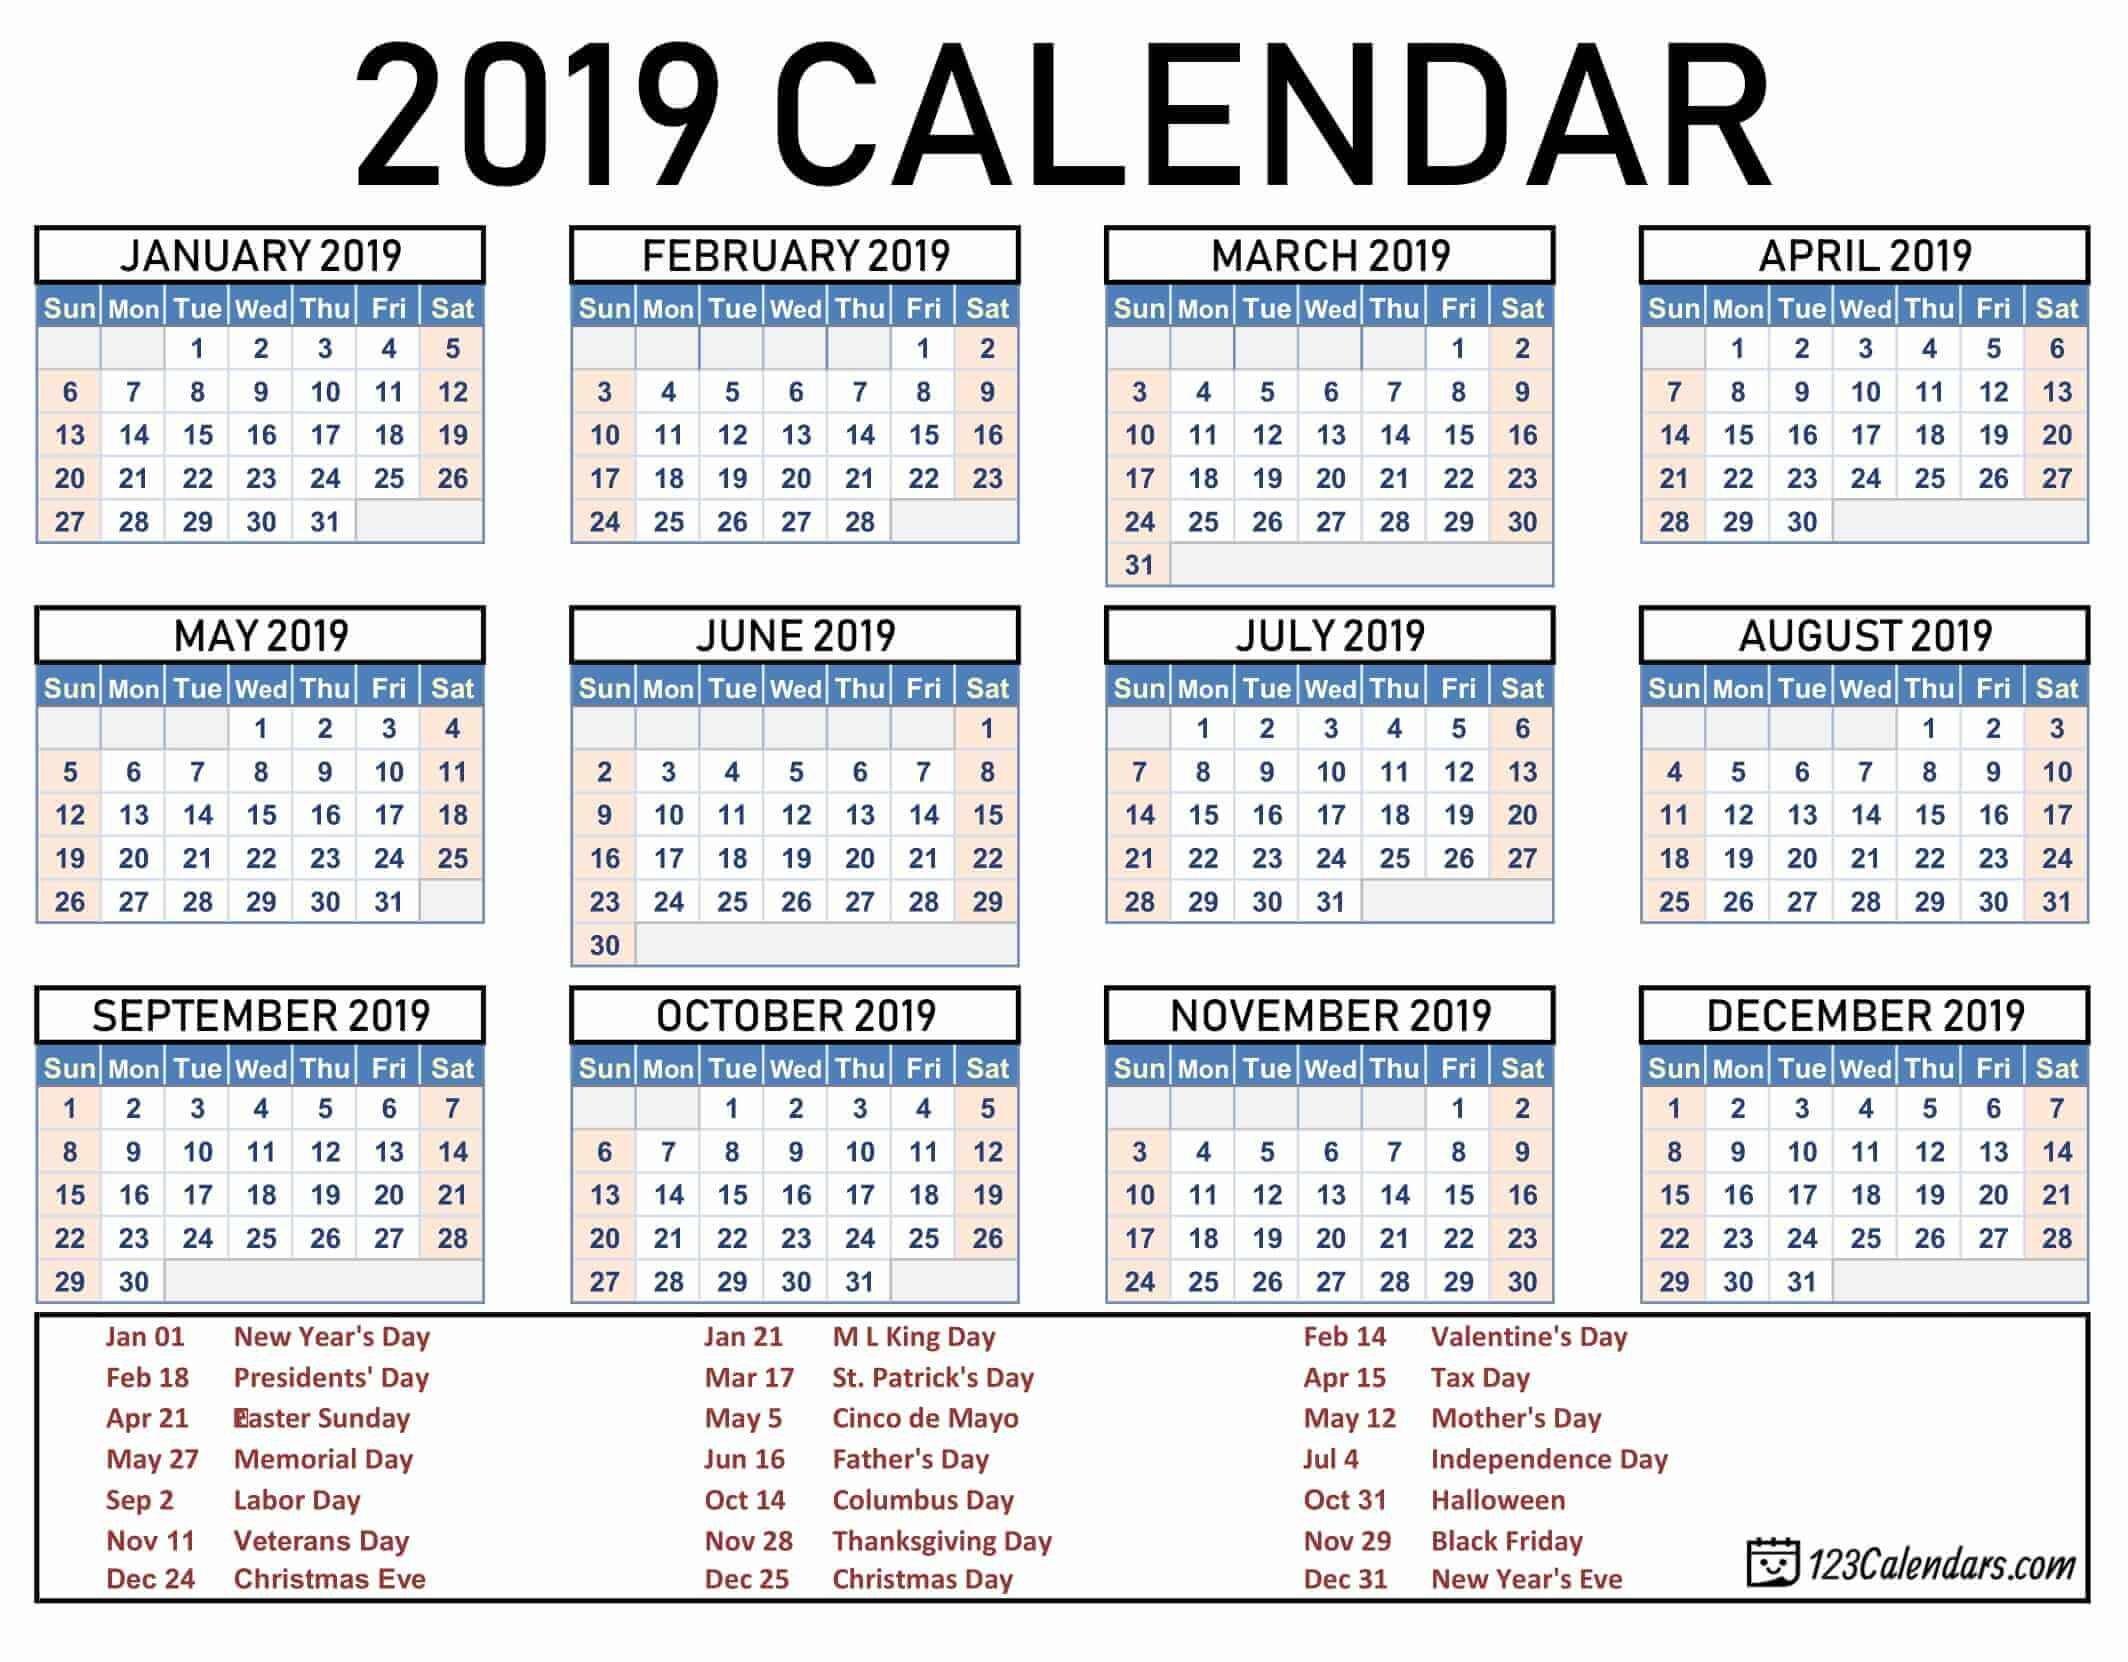 Free Printable 2019 Calendar   123Calendars Calendar 2019 Images